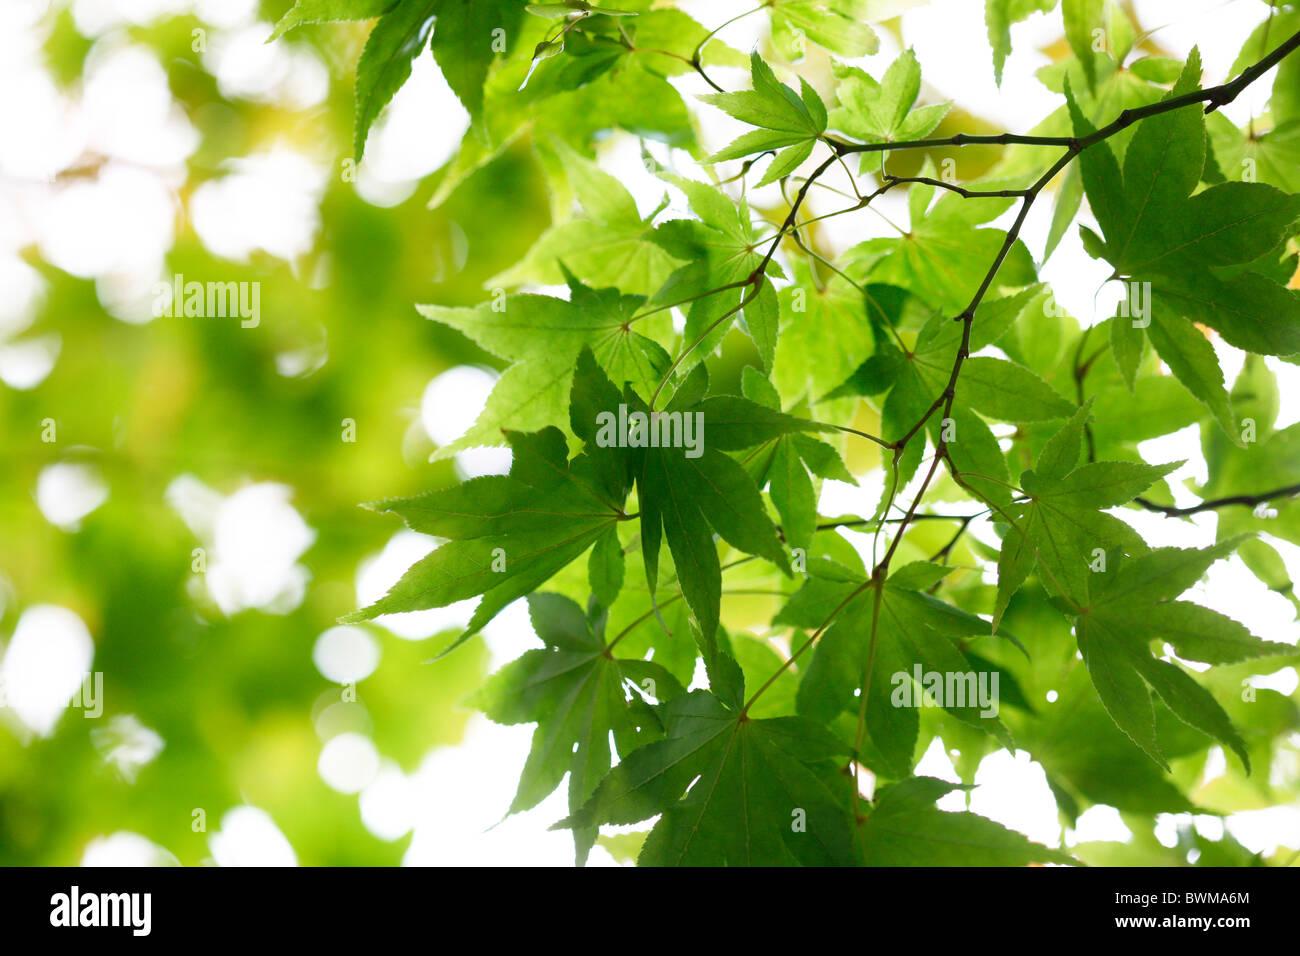 stimmungsvoll und verträumt Ahornbaum mit geflügelten Samaras Jane Ann Butler Fotografie JABP917 Stockfoto